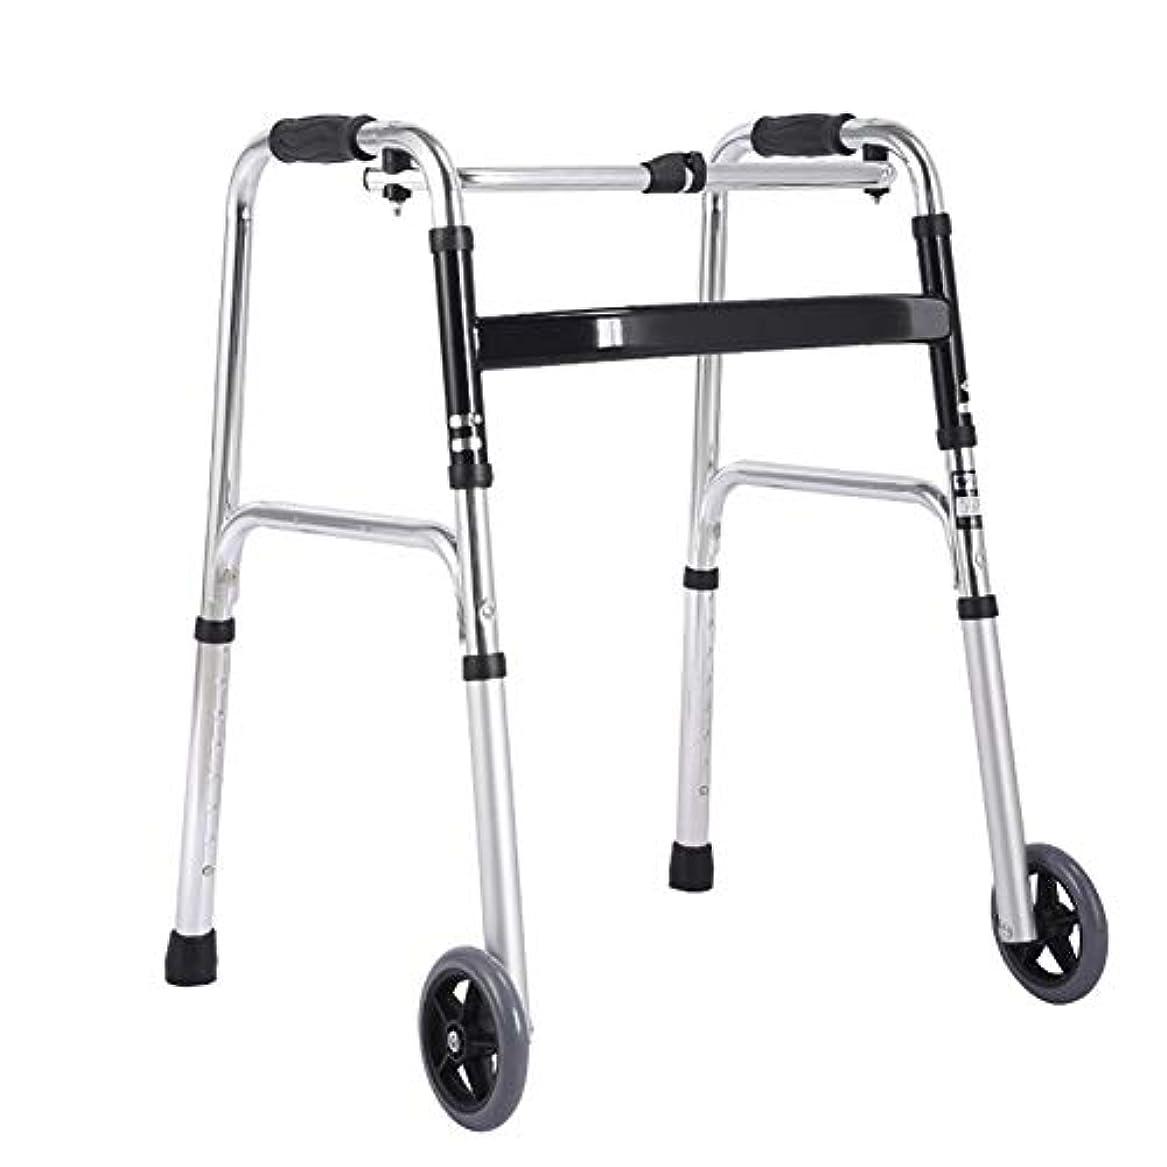 一致蜜レタッチBNSDMM 步行器 ウォーカー - 高齢者用ウォーカー高齢者用ウォーカー補助ウォーカーウォーキングスタッフチェアスツールトロリー折りたたみ - サイズ:55 * 48 *(69-89)cm